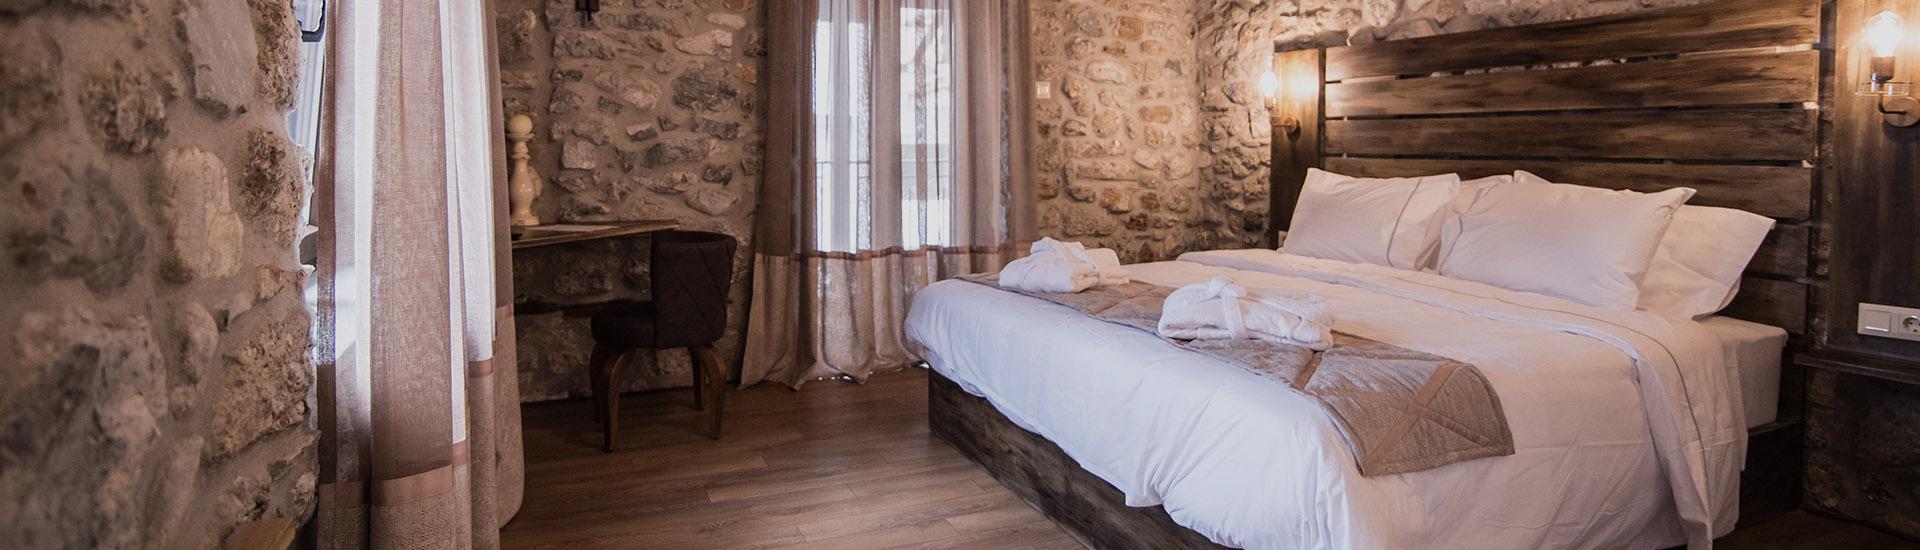 ξενοδοχειο λιτοχωρο - Mythic Valley Litochoro